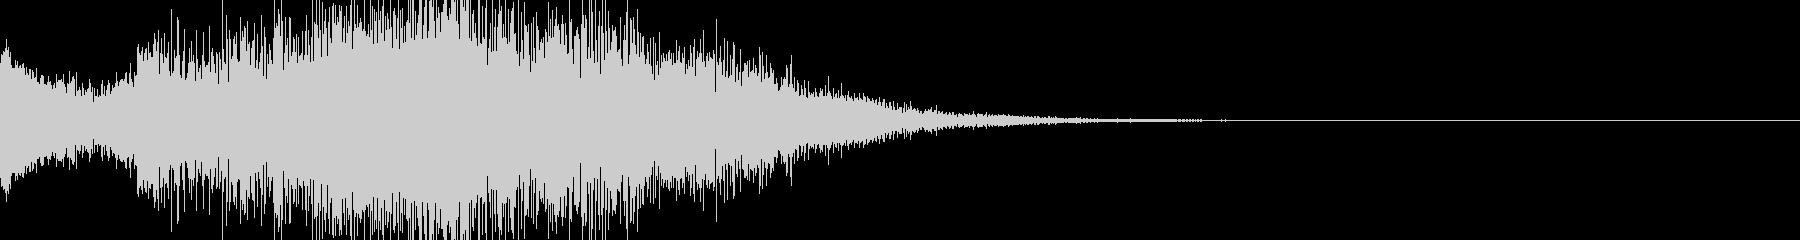 アンビ感のあるサウンドロゴの未再生の波形